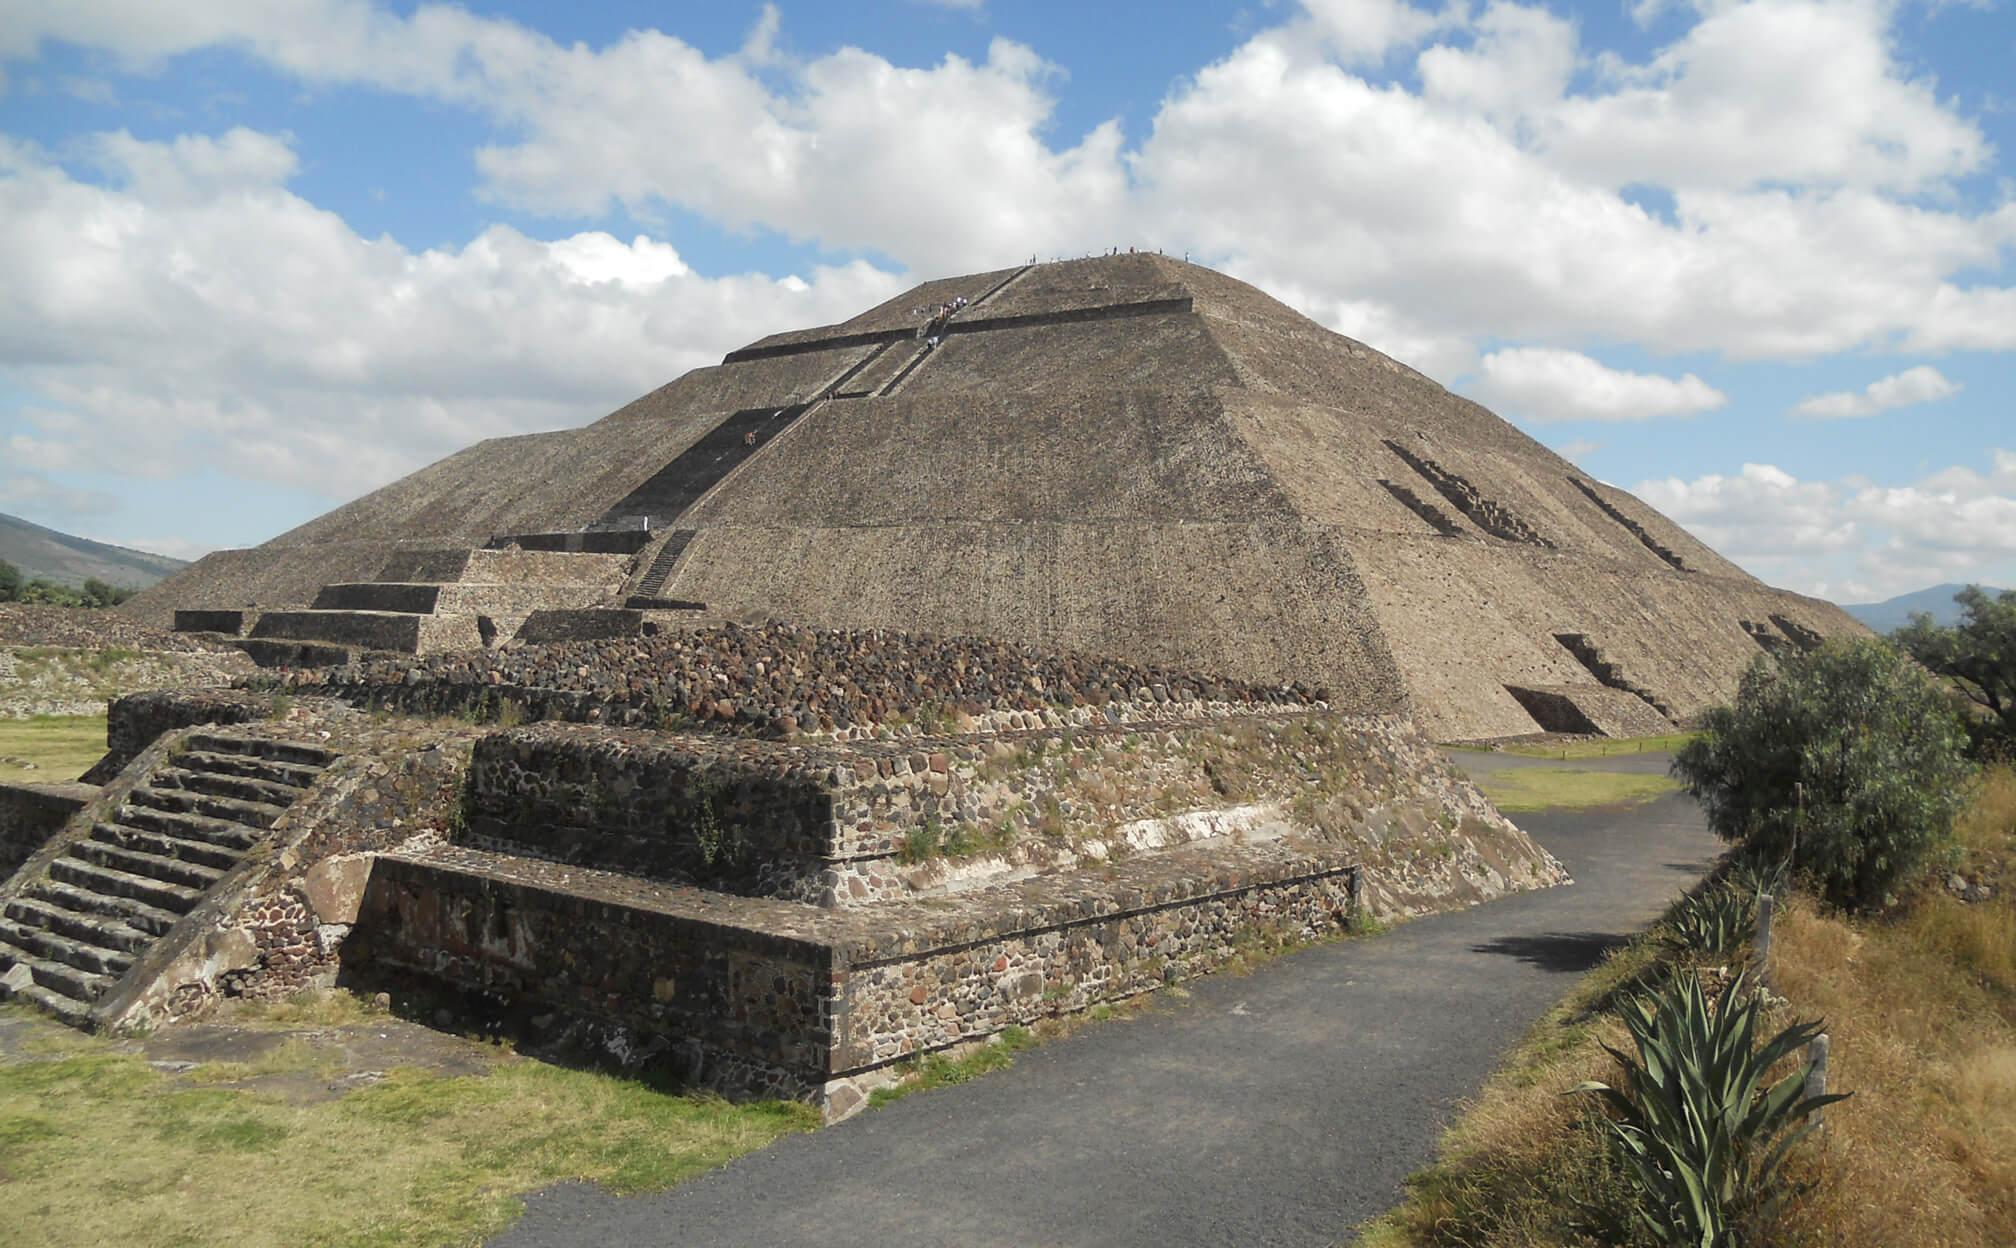 Fot. 2. Piramida Słońca w Teotihuacan ma podstawę o wymiarach niemal identycznych jak piramida Cheopsa w Gizie.